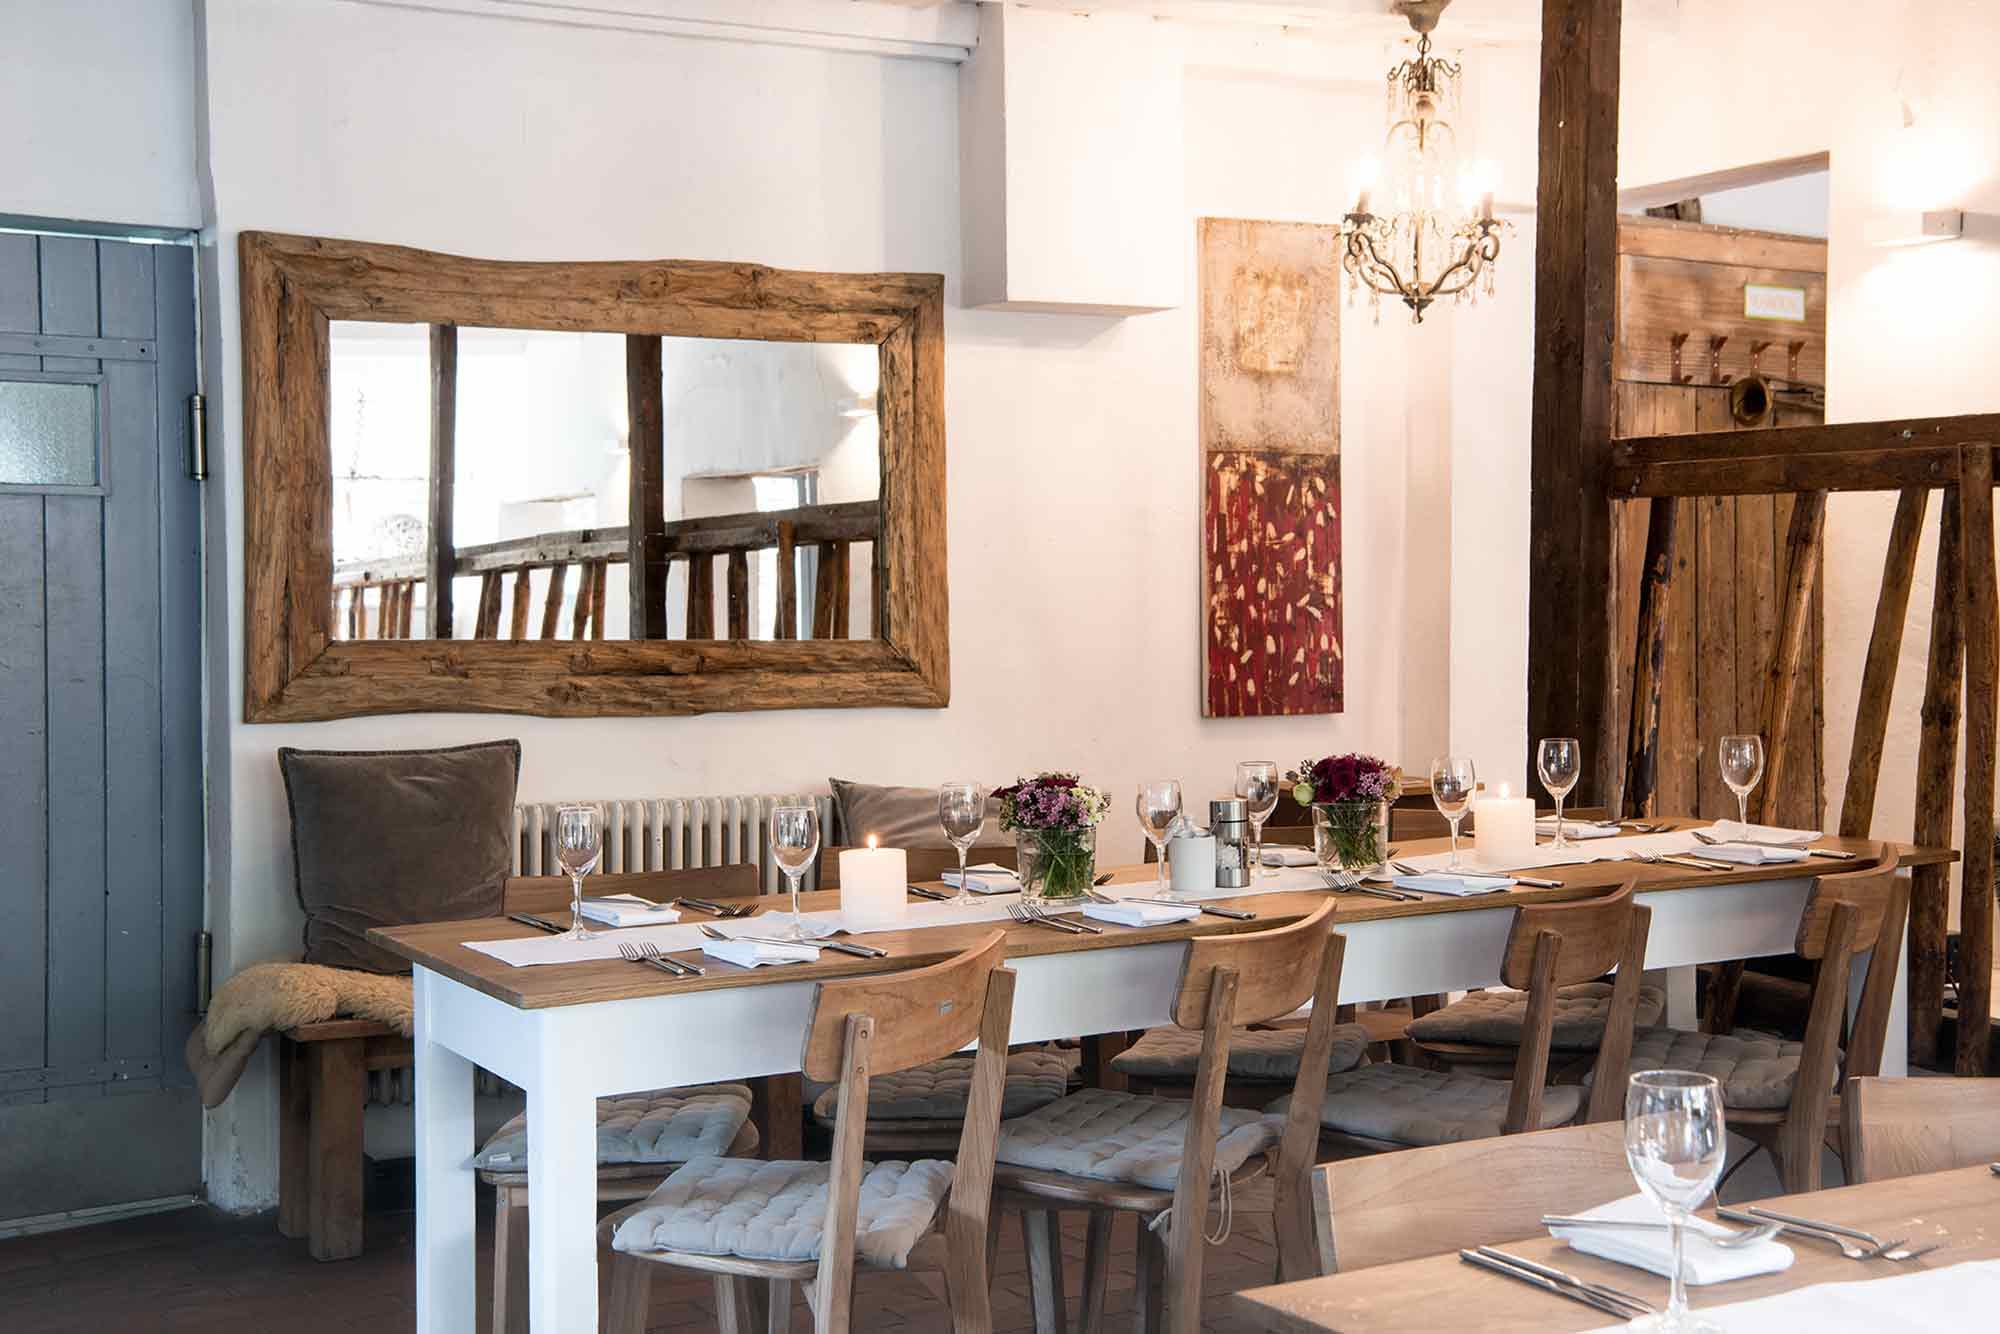 Eselsmühle Feiern Im Stall Gedeckter Tisch